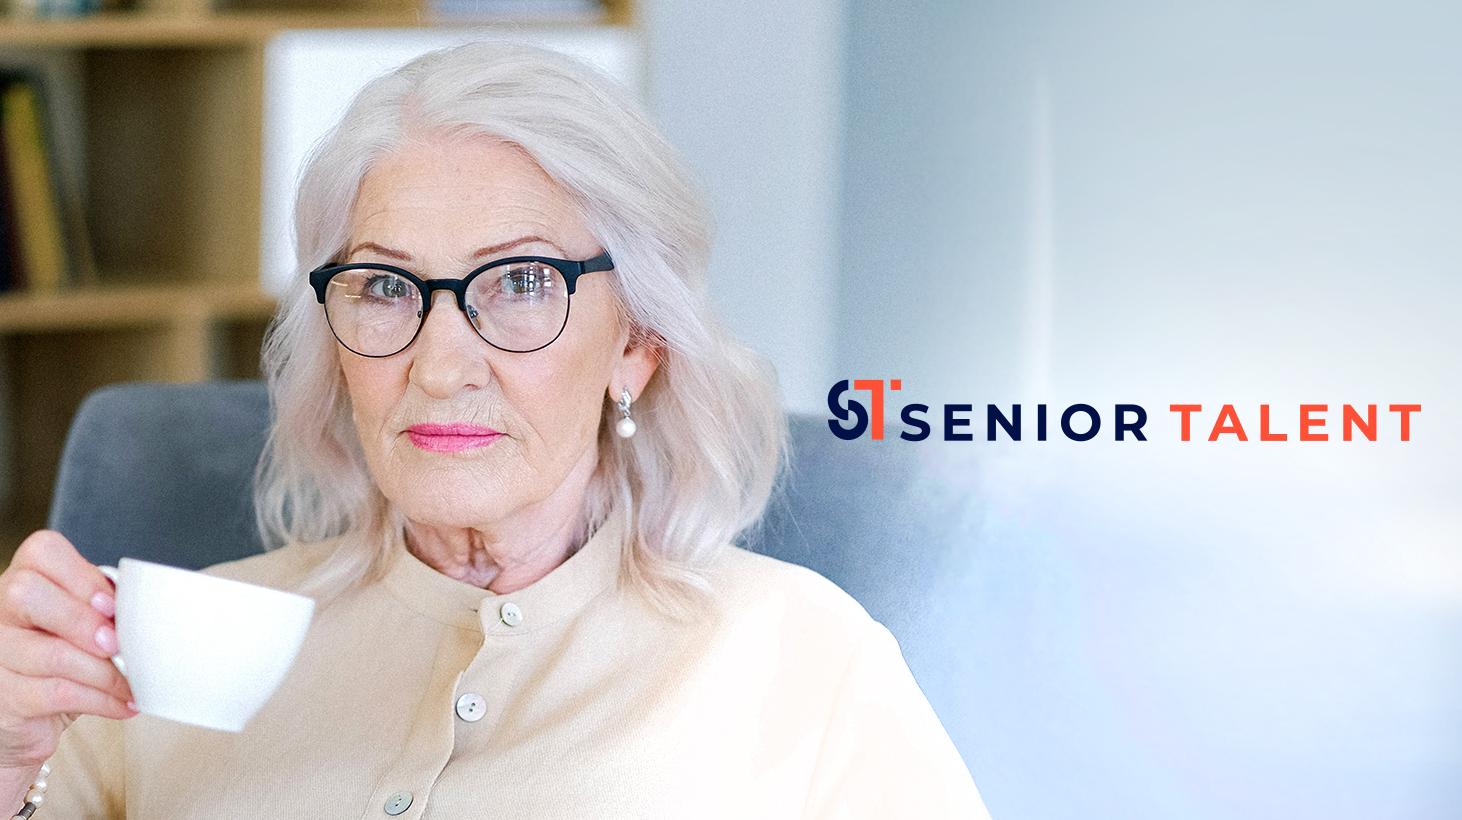 Senior Talent busca empresas para el reclutamiento de profesionales sobre 50 años.